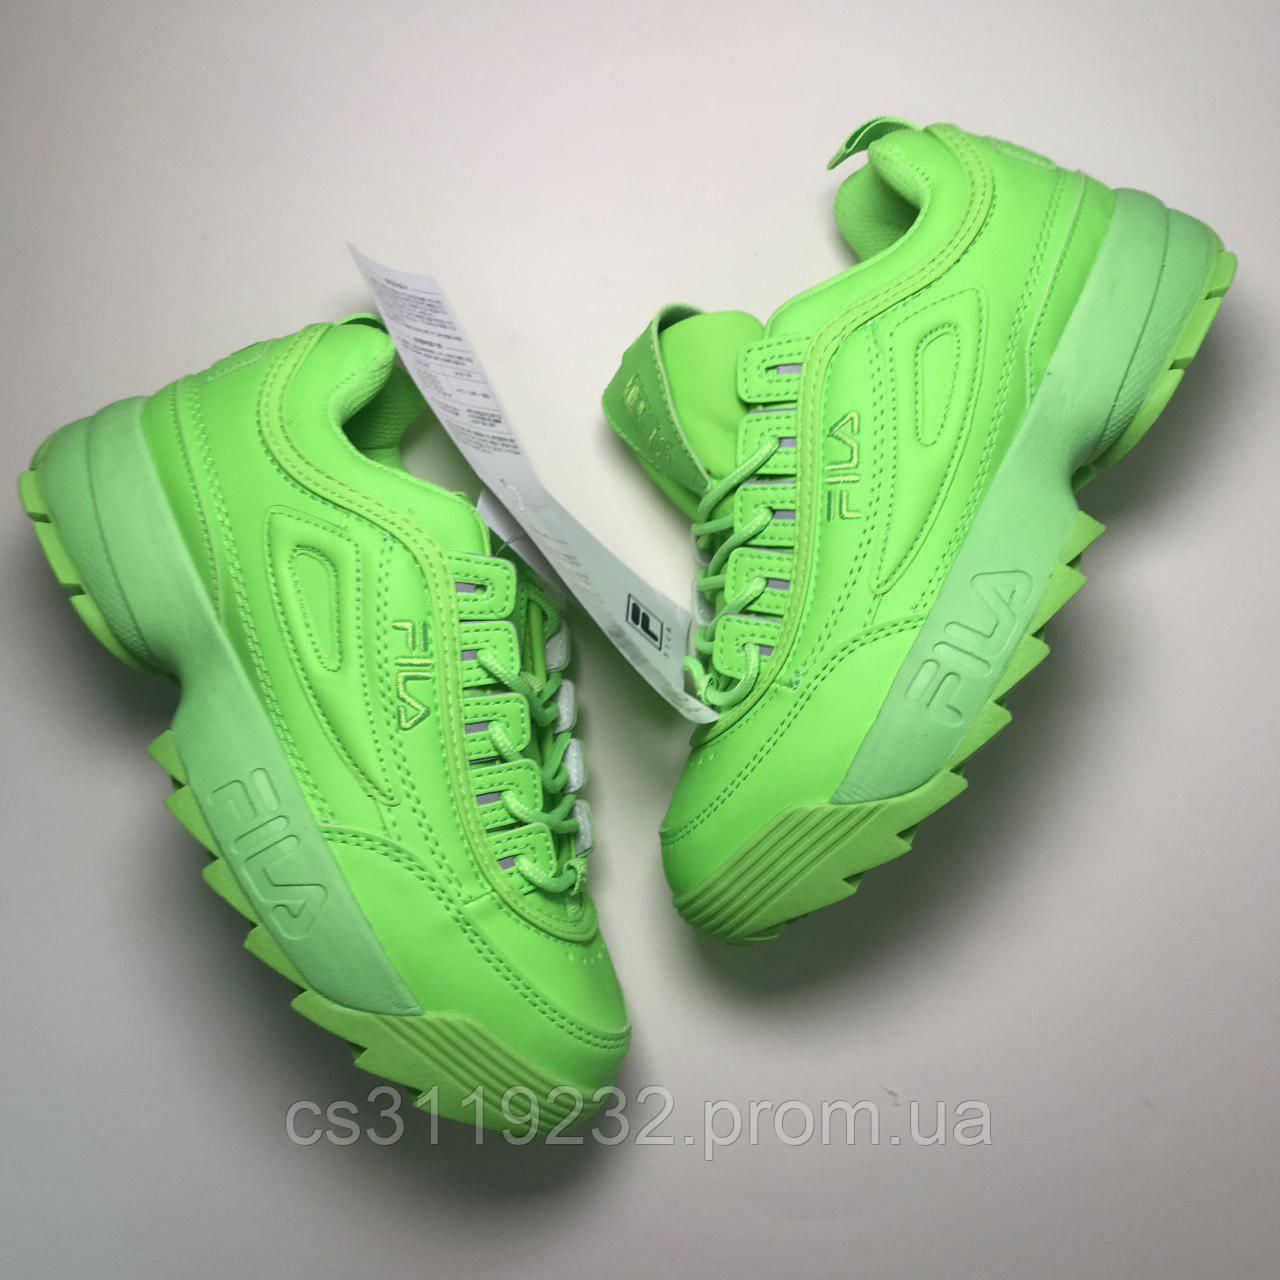 Жіночі кросівки Fila Disruptor 2 Neon Green (зелений неон)